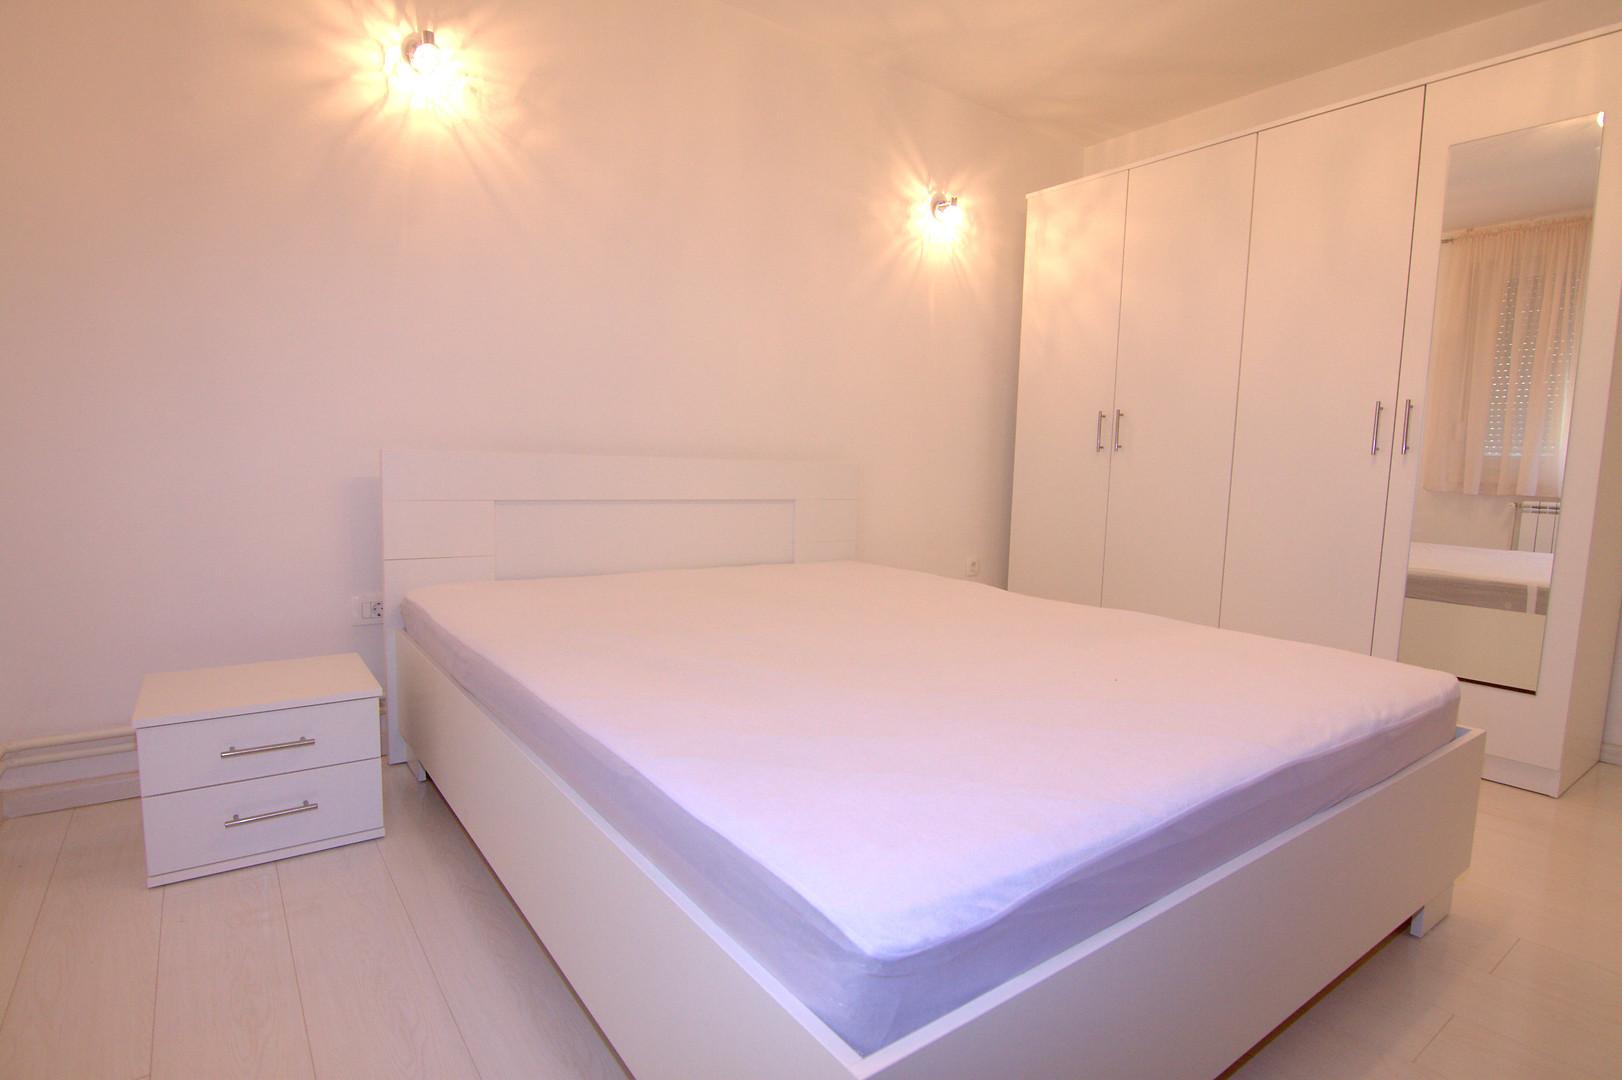 Izdaje se: Trosoban stan, Talirovića, 64 m2